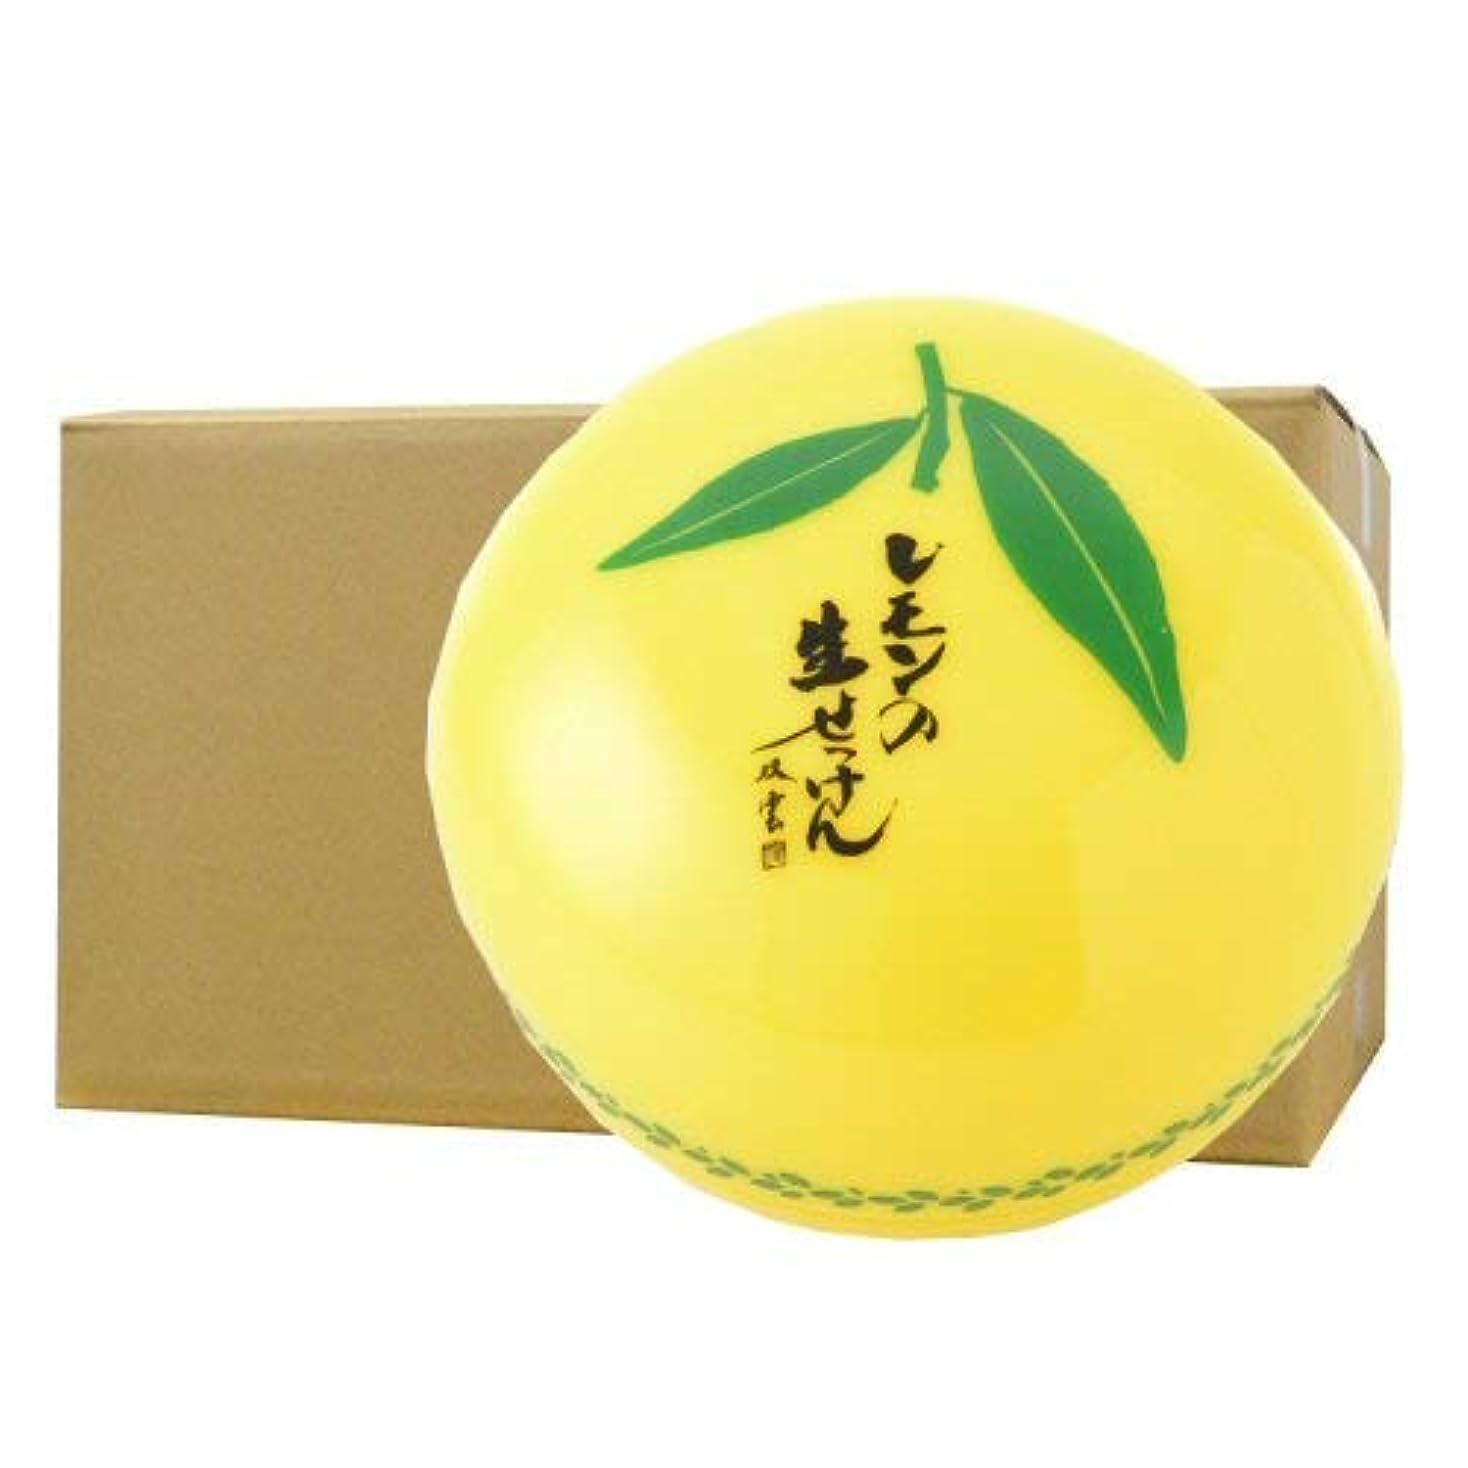 外向き自体義務美香柑 レモンの生せっけん 洗顔石けん 無添加 スパチュラ?泡立てネット付 大容量 120g×24個ケース